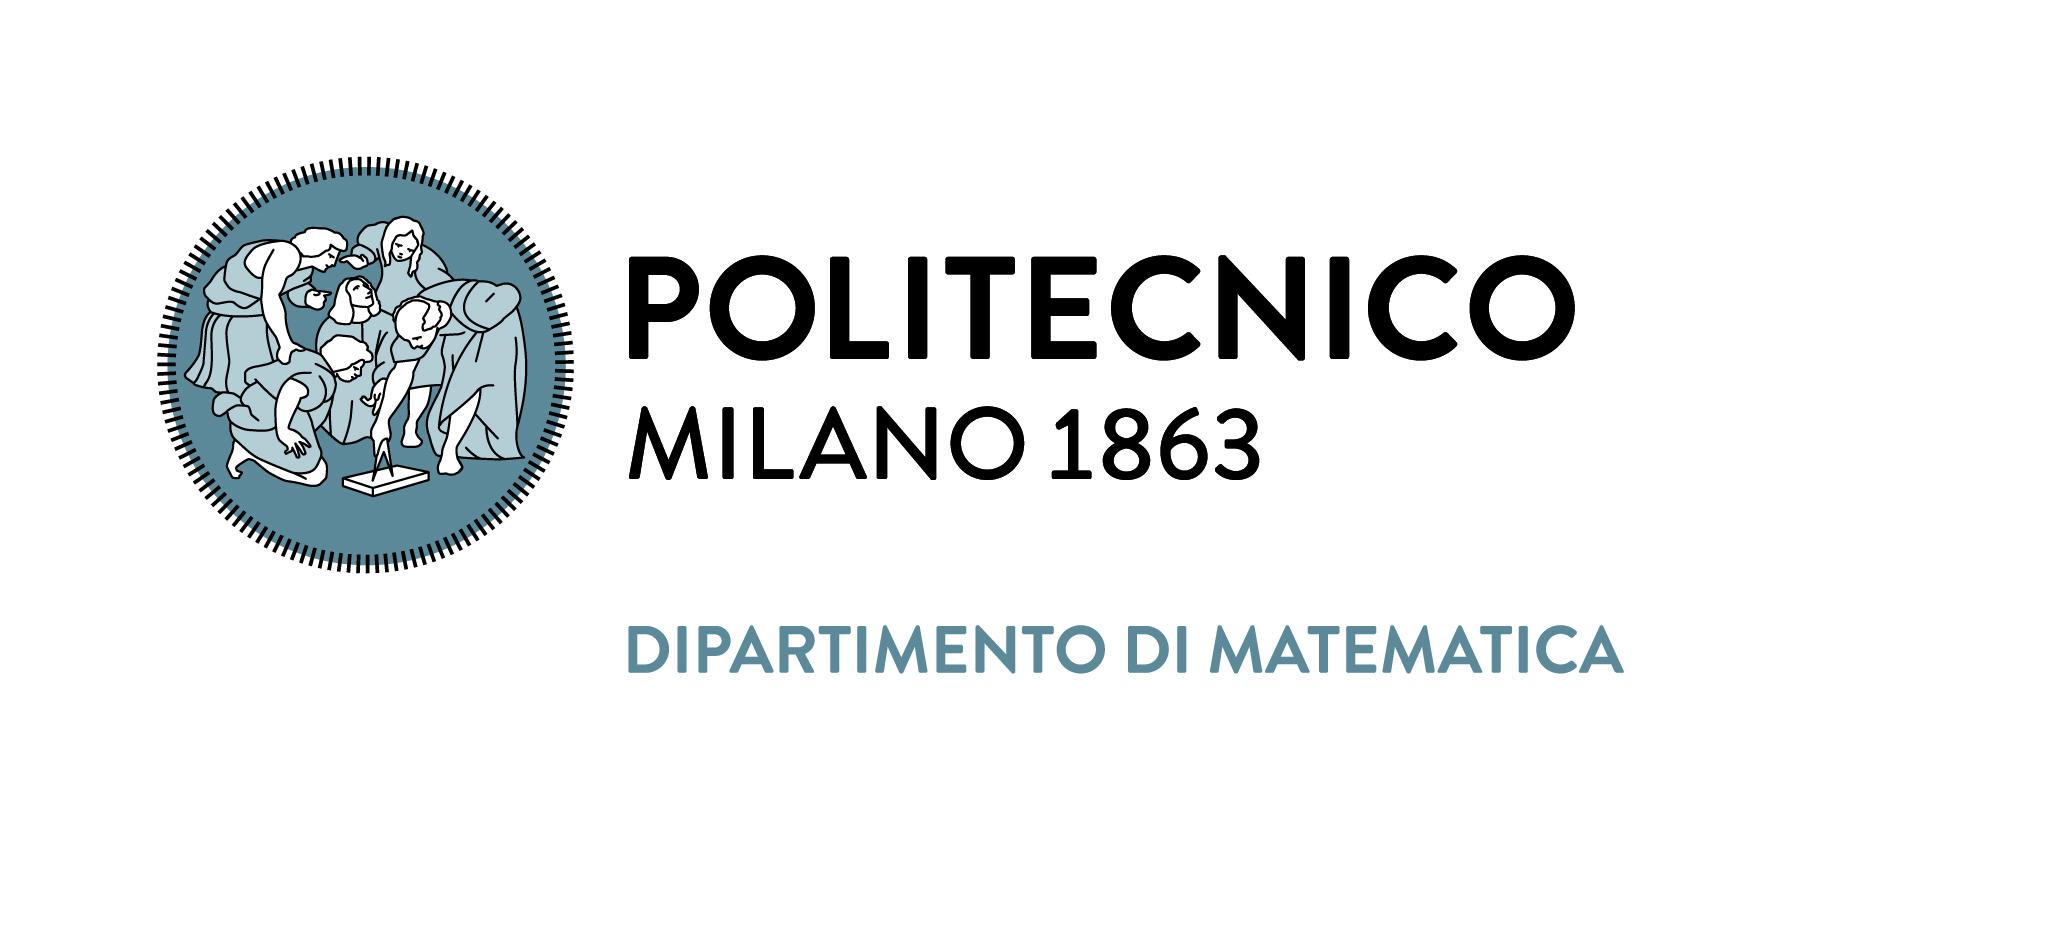 Politecnico di Milano 1863 - Dipartimento di Matematica